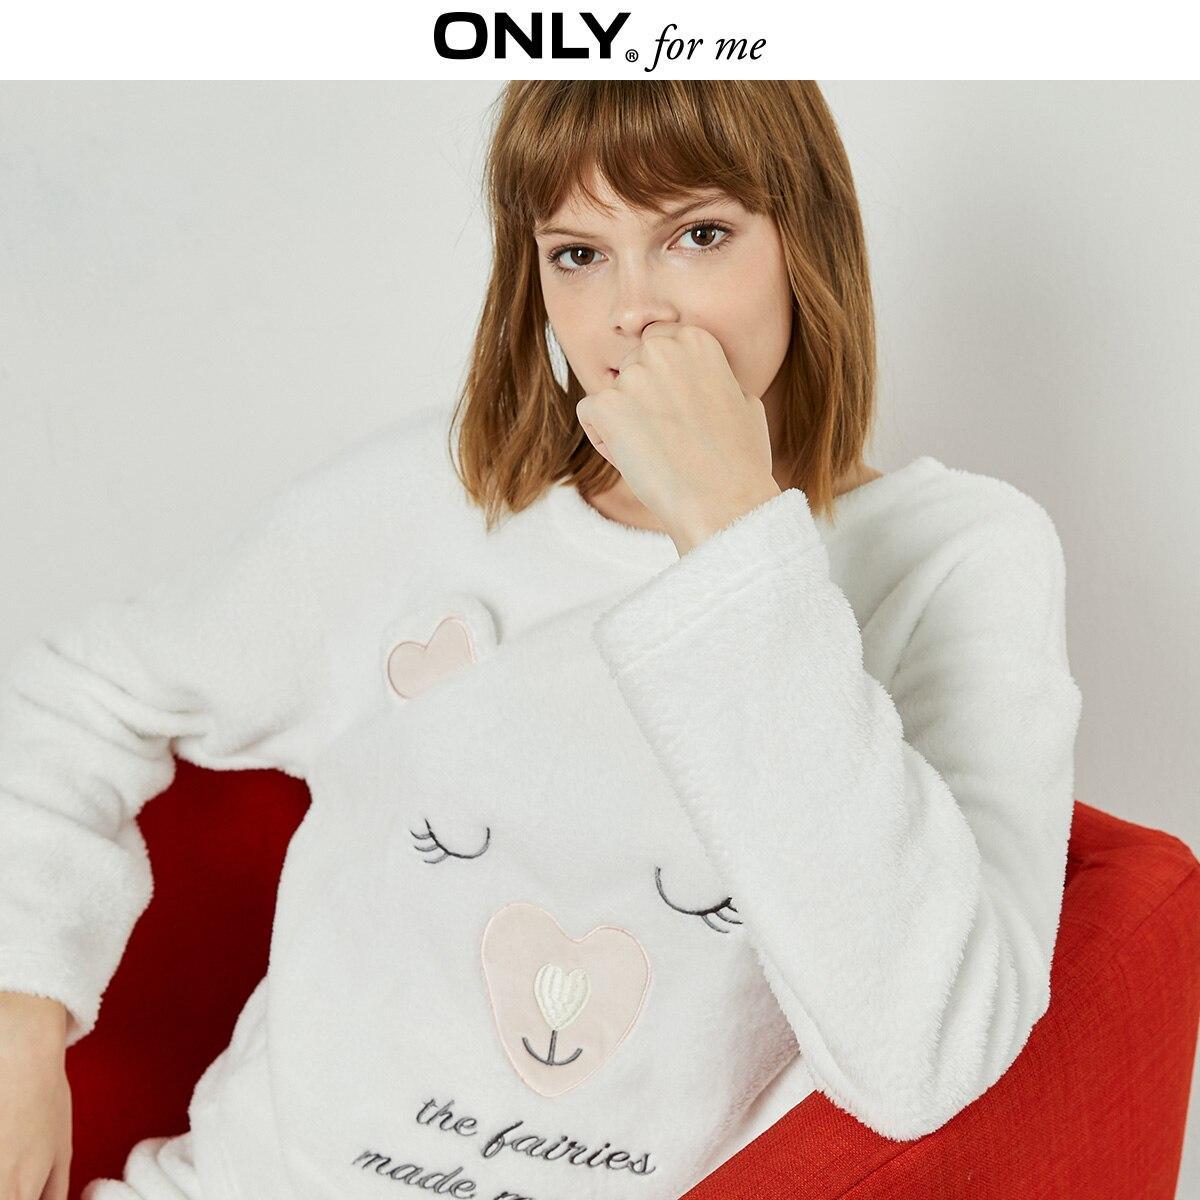 Кофта толстовка женская теплая для дома. Лонгслив, пуловер домашний флисовый Мишка, размер  S (белый)